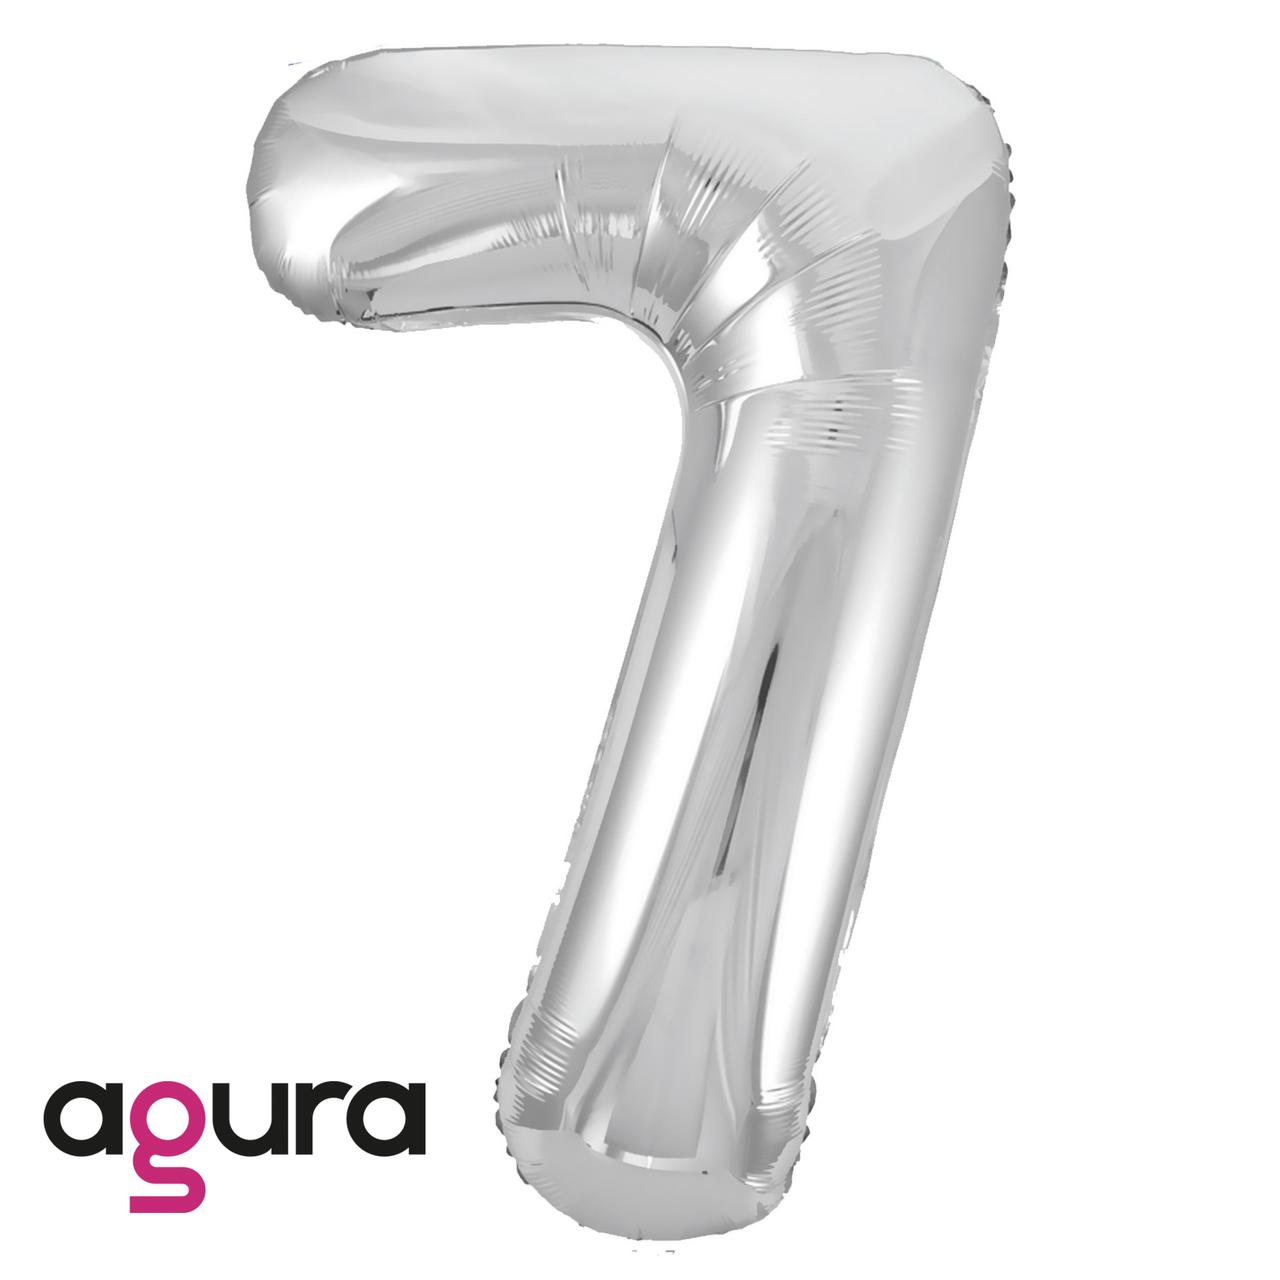 Фольгированная цифра 7 (40') Agura Slim серебро в упаковке, 102 см